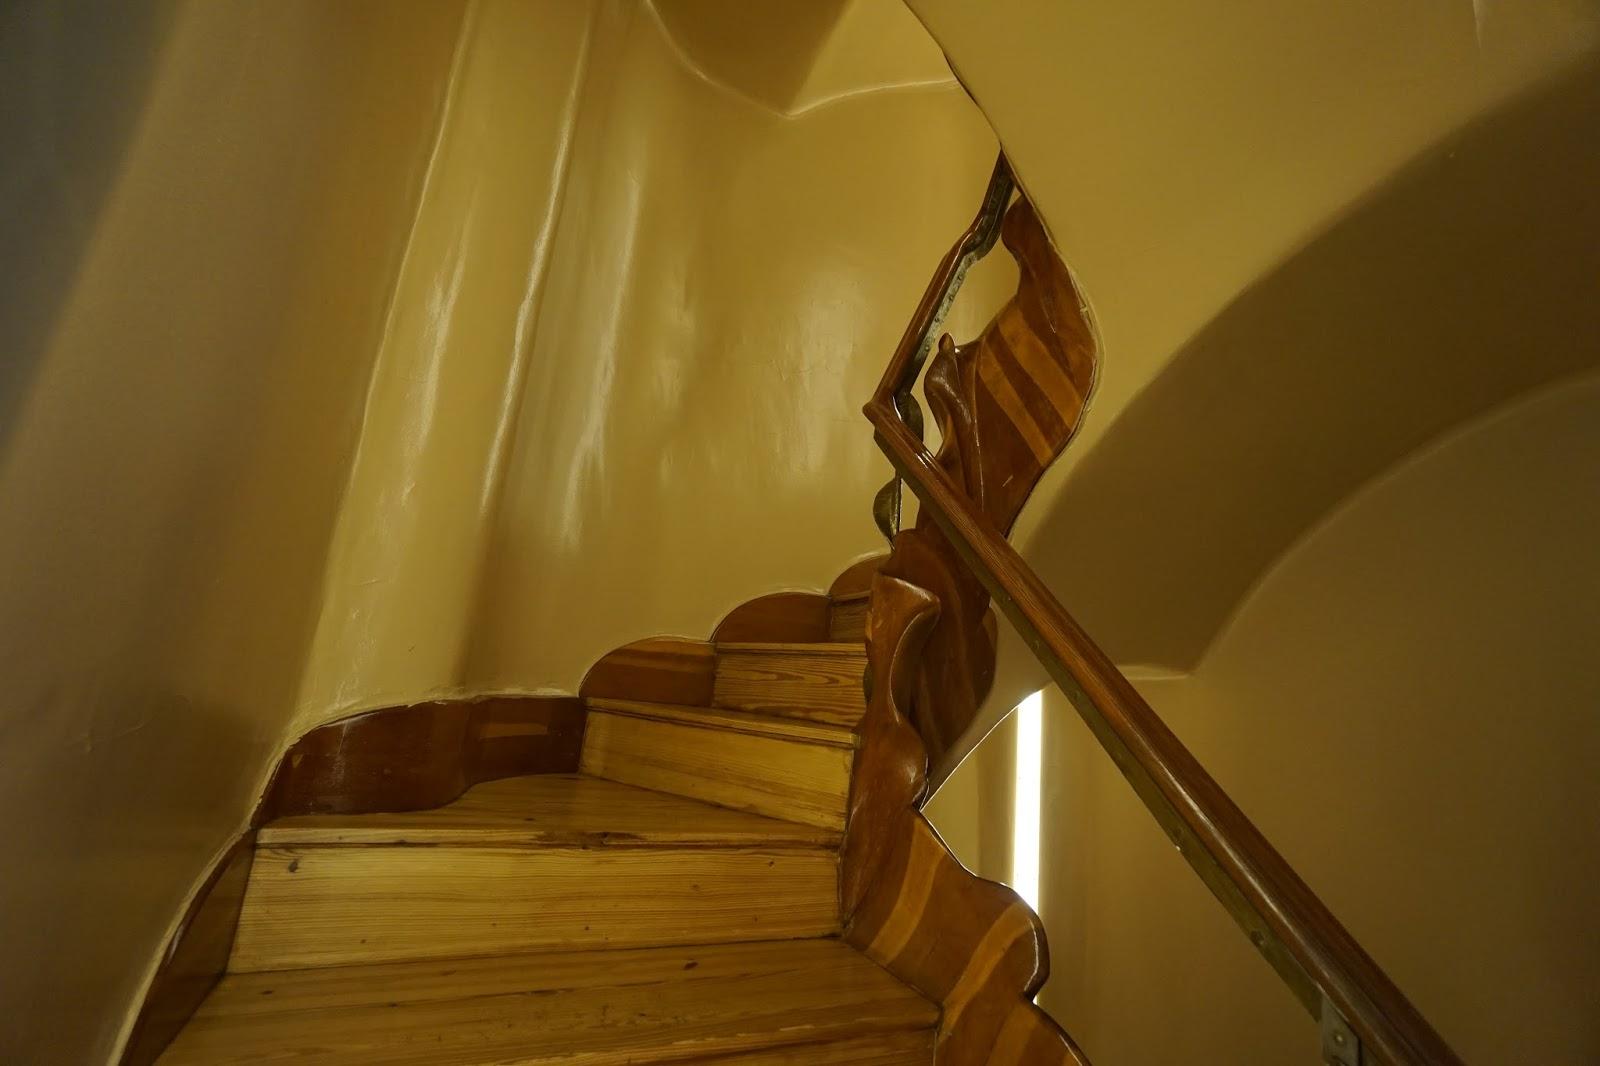 カサ・バトリョ(Casa Batlló) 3階への階段